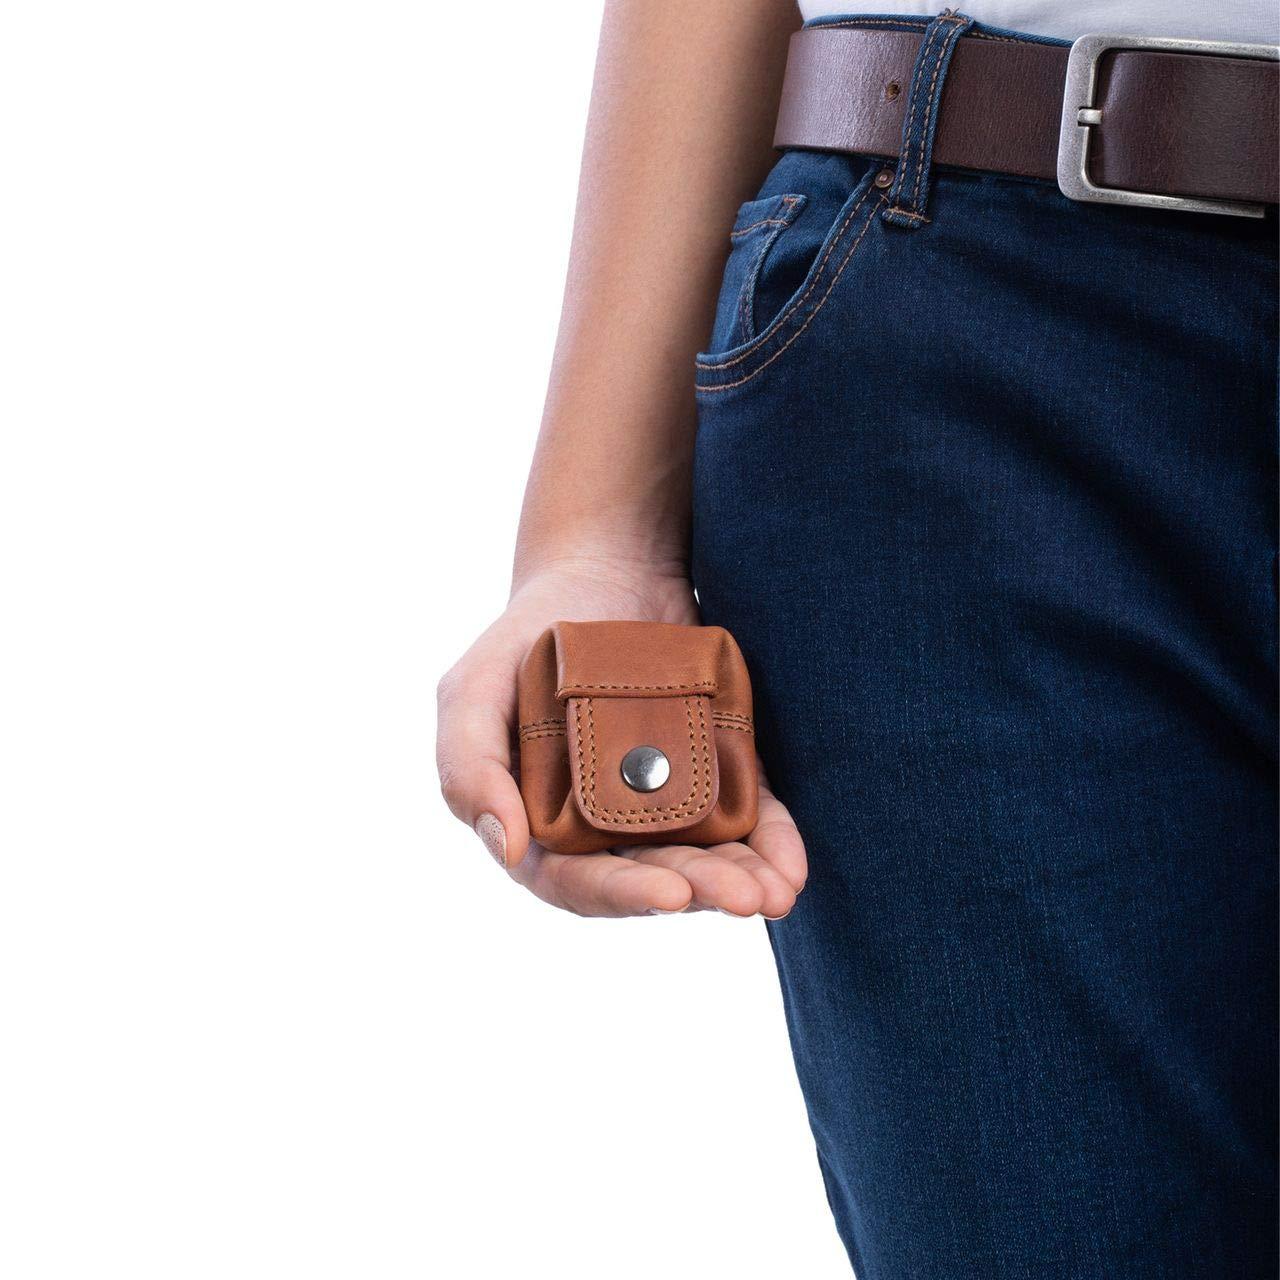 Colore:cognac marrone scuro STILORD Varys Portamonete Donna in Pelle Porta Spicci Uomo Vintage in Cuoio Mini Portafoglio Piccolo Borsellino Porta Monete